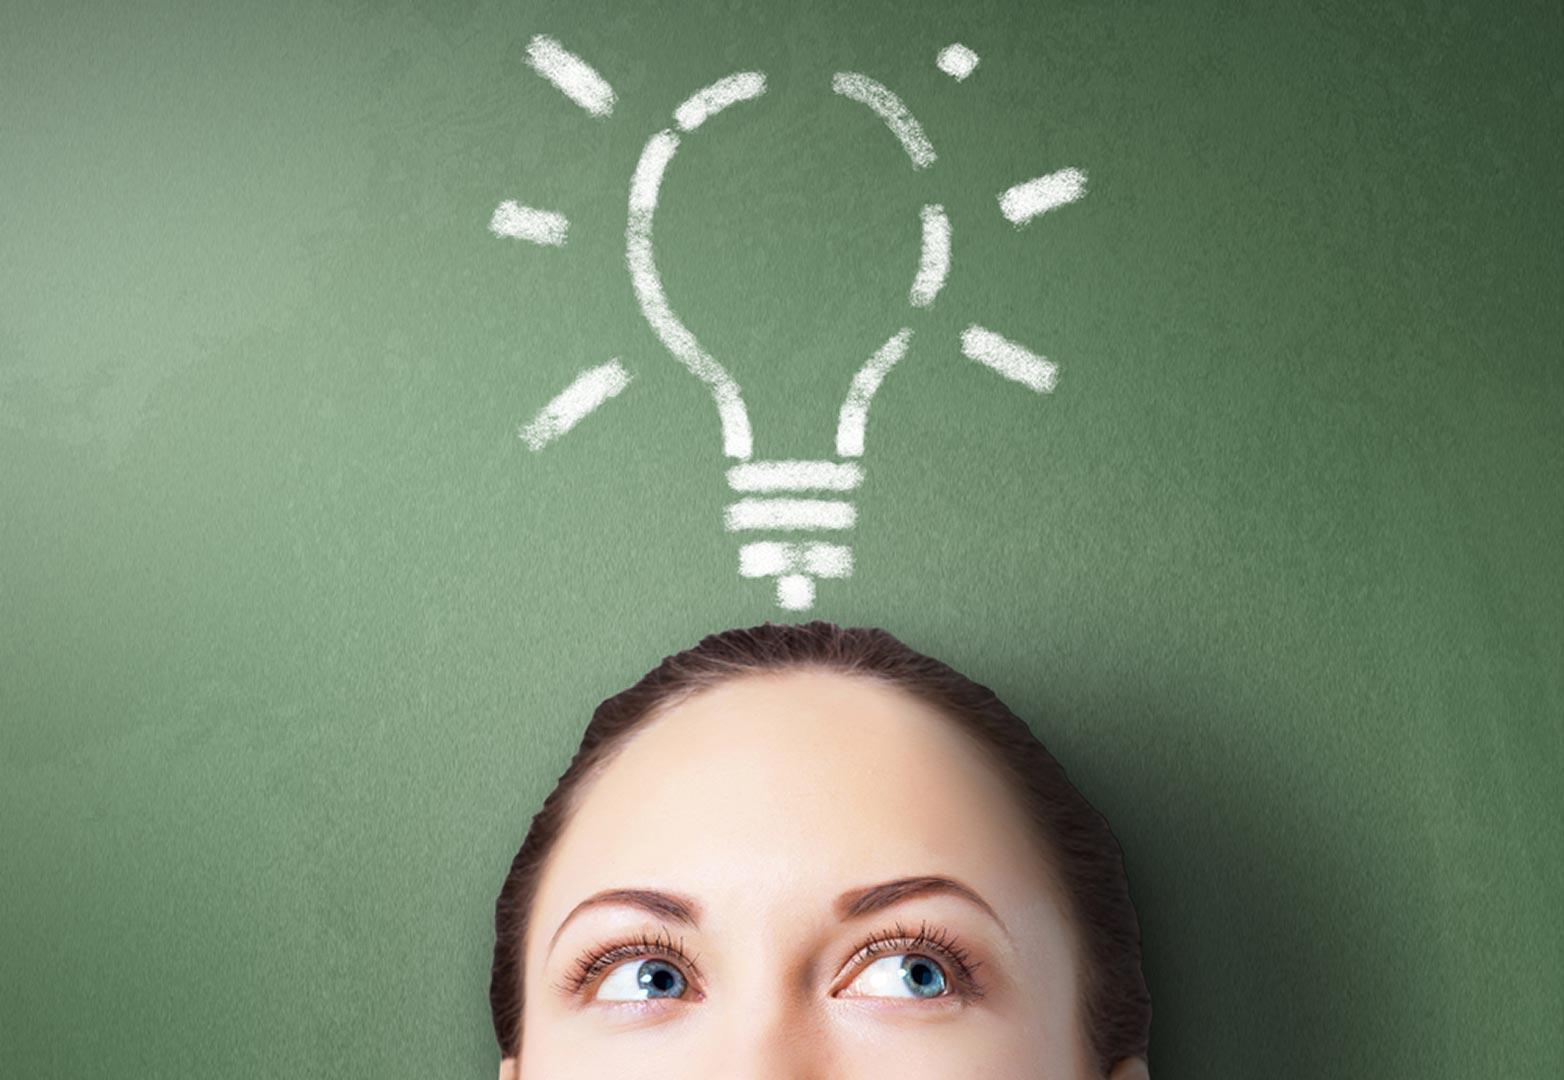 Innovazione aperta, l' idea giusta dove meno te lo aspetti